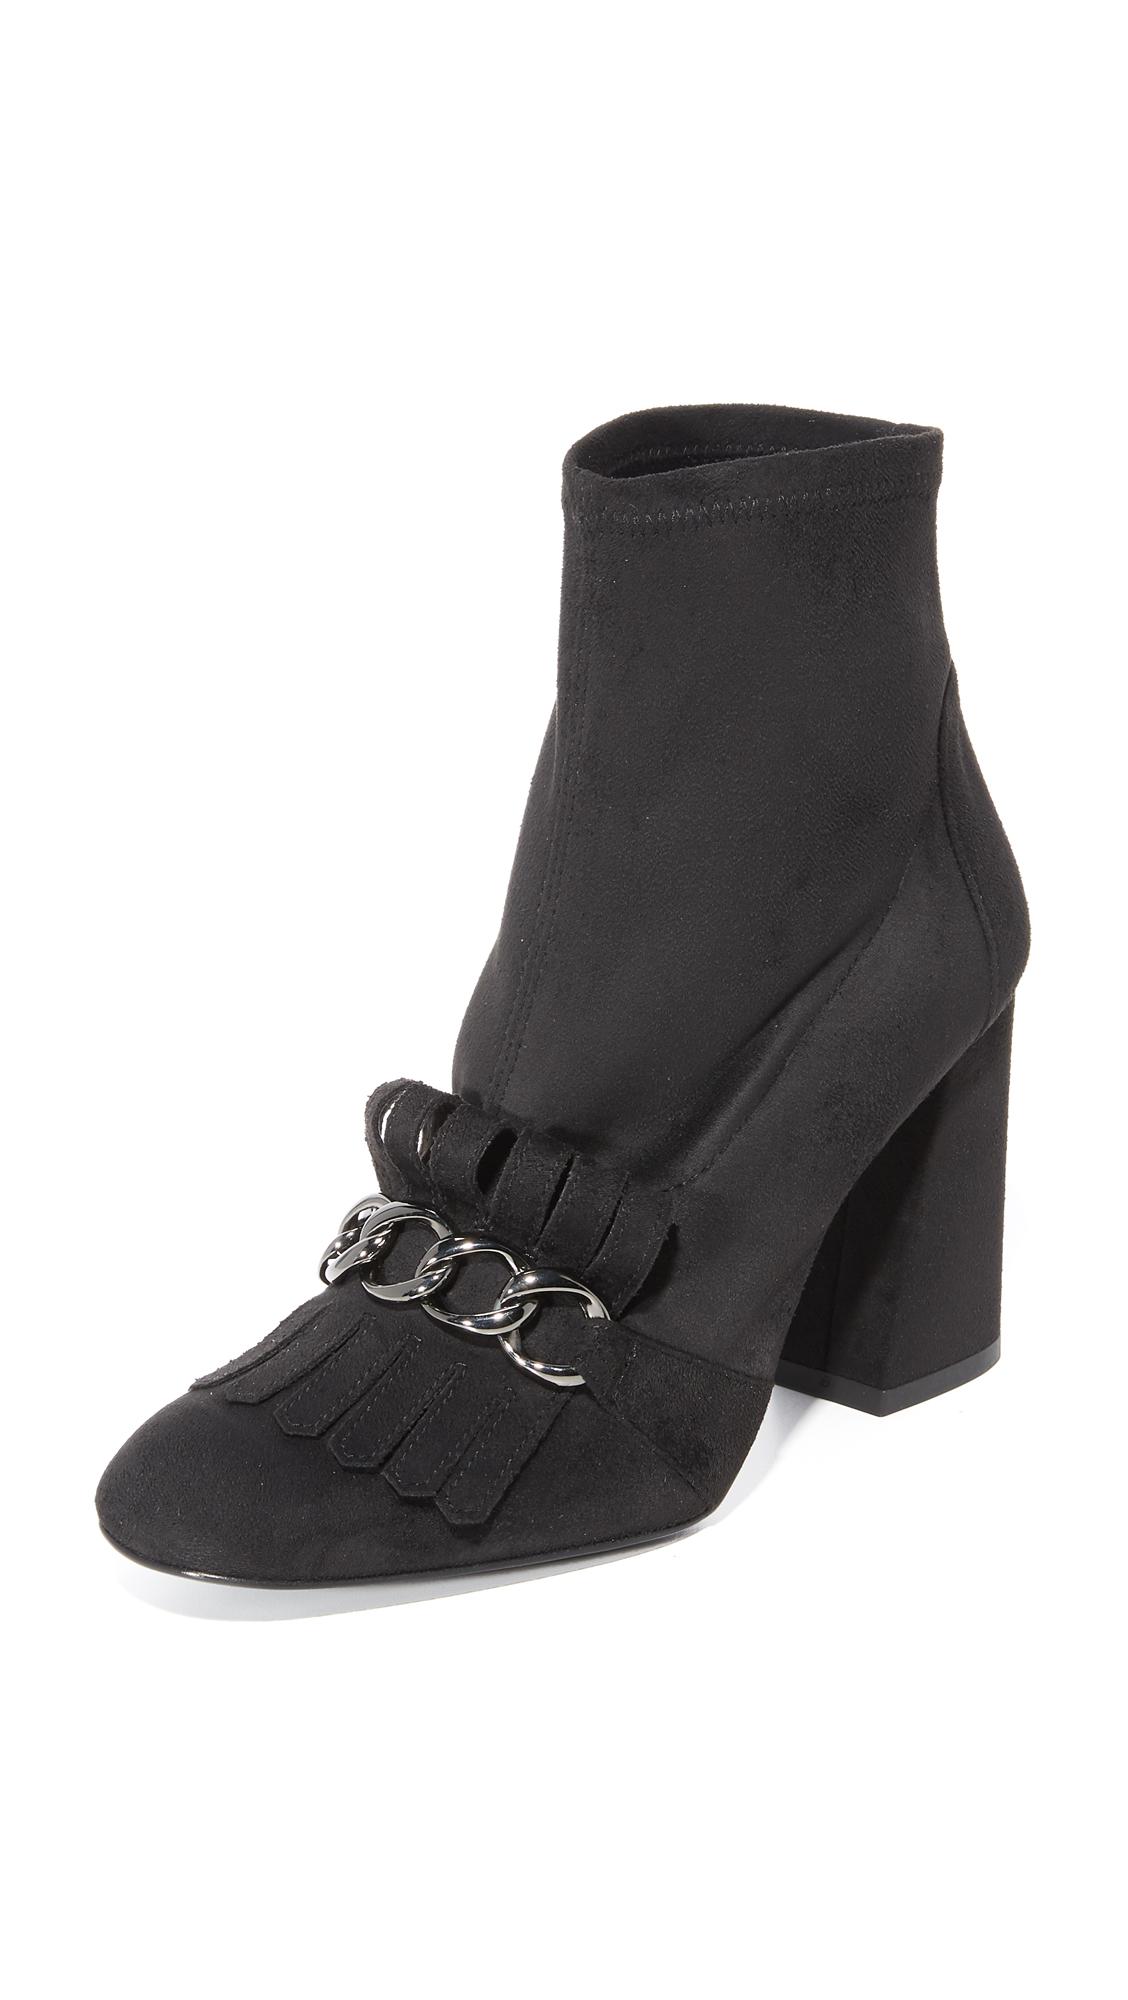 Stuart Weitzman Ringleader Loafer Booties - Noir